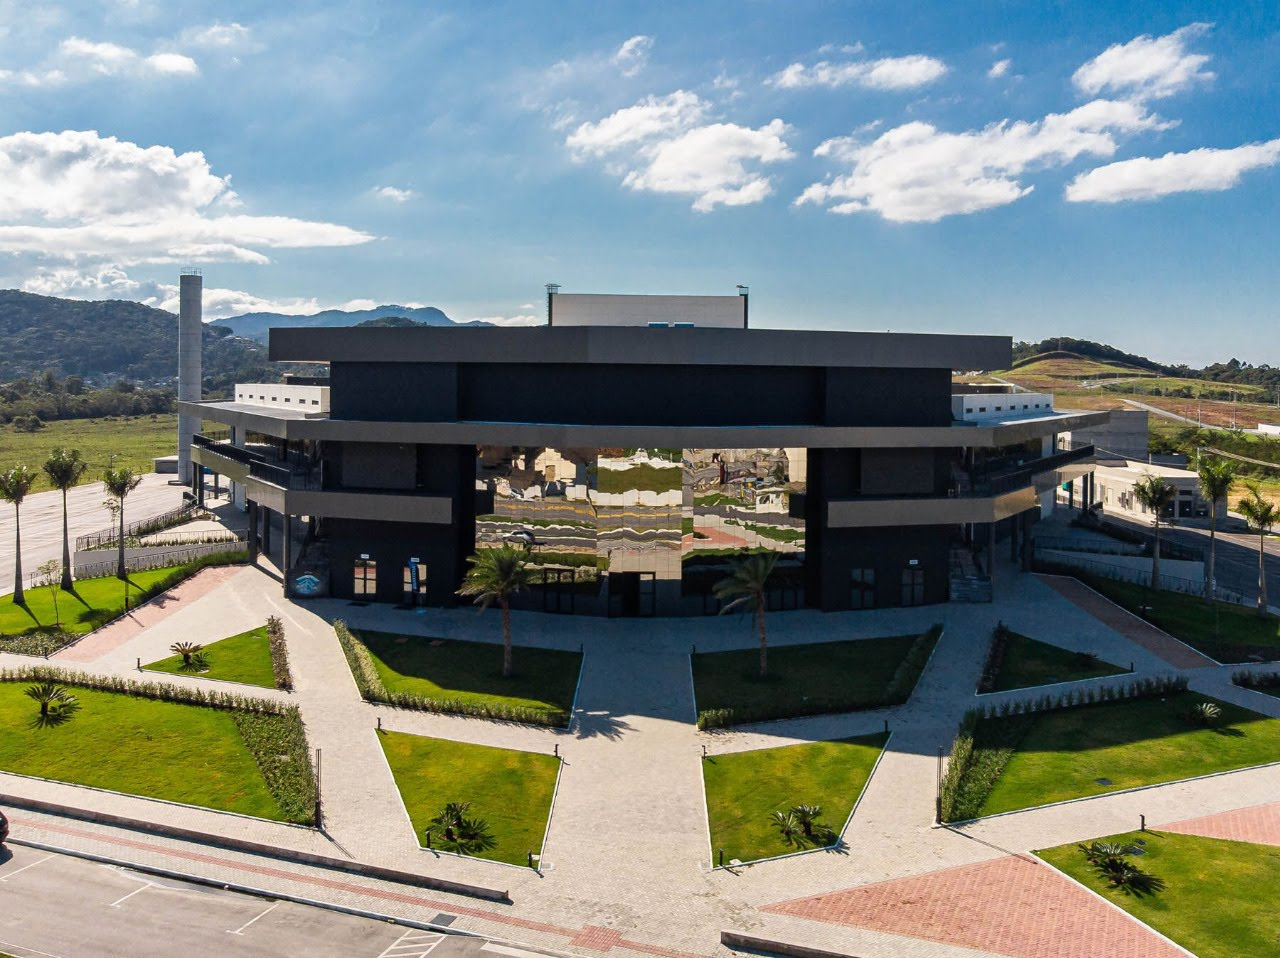 Arena Petry oferece estrutura para possível hospital de campanha